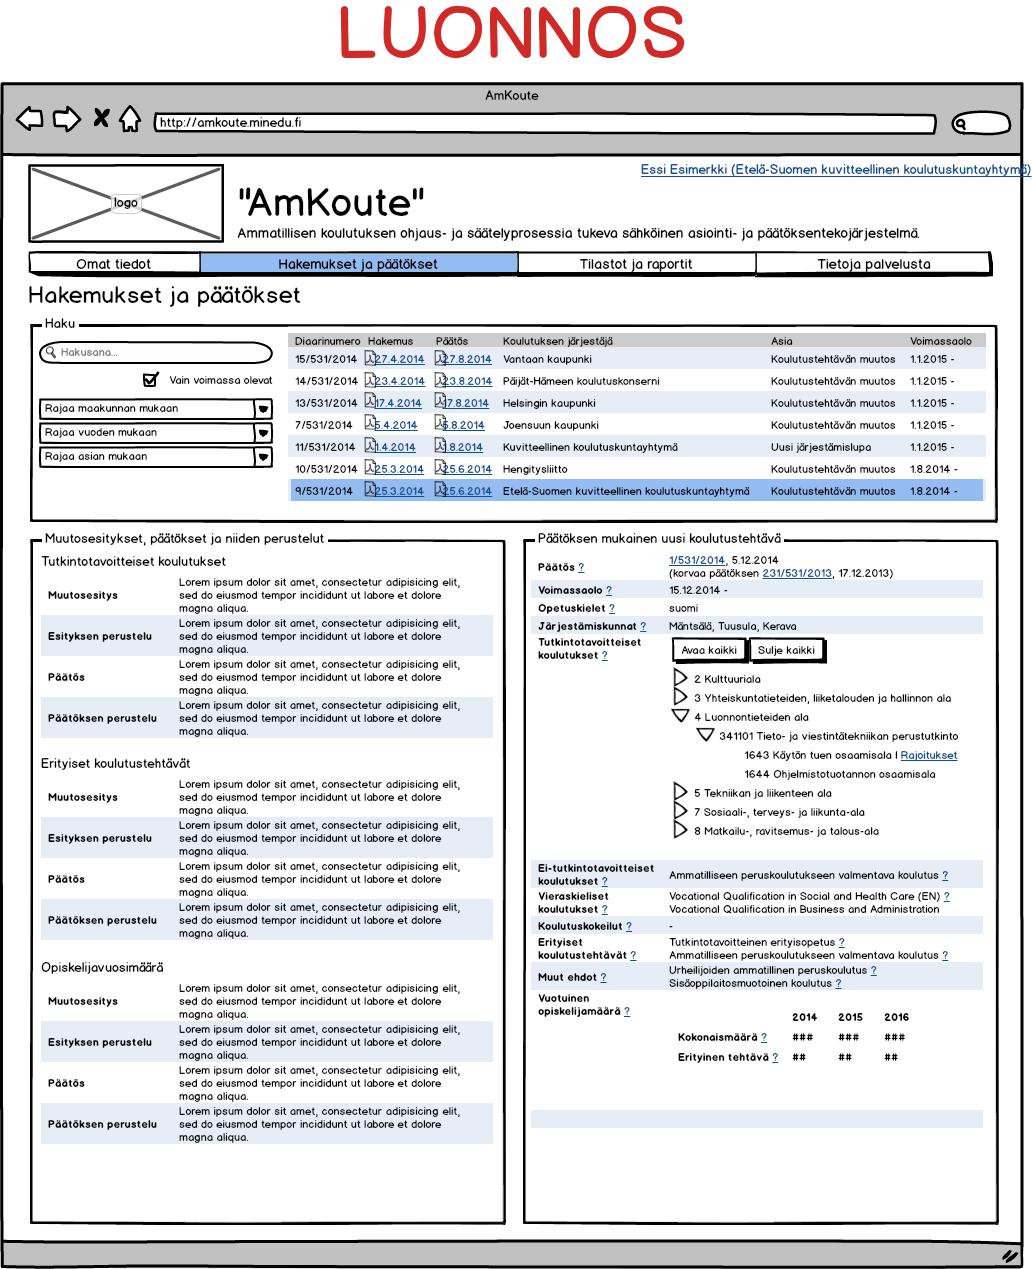 mockup_hakemukset-ja-päätökset (2)